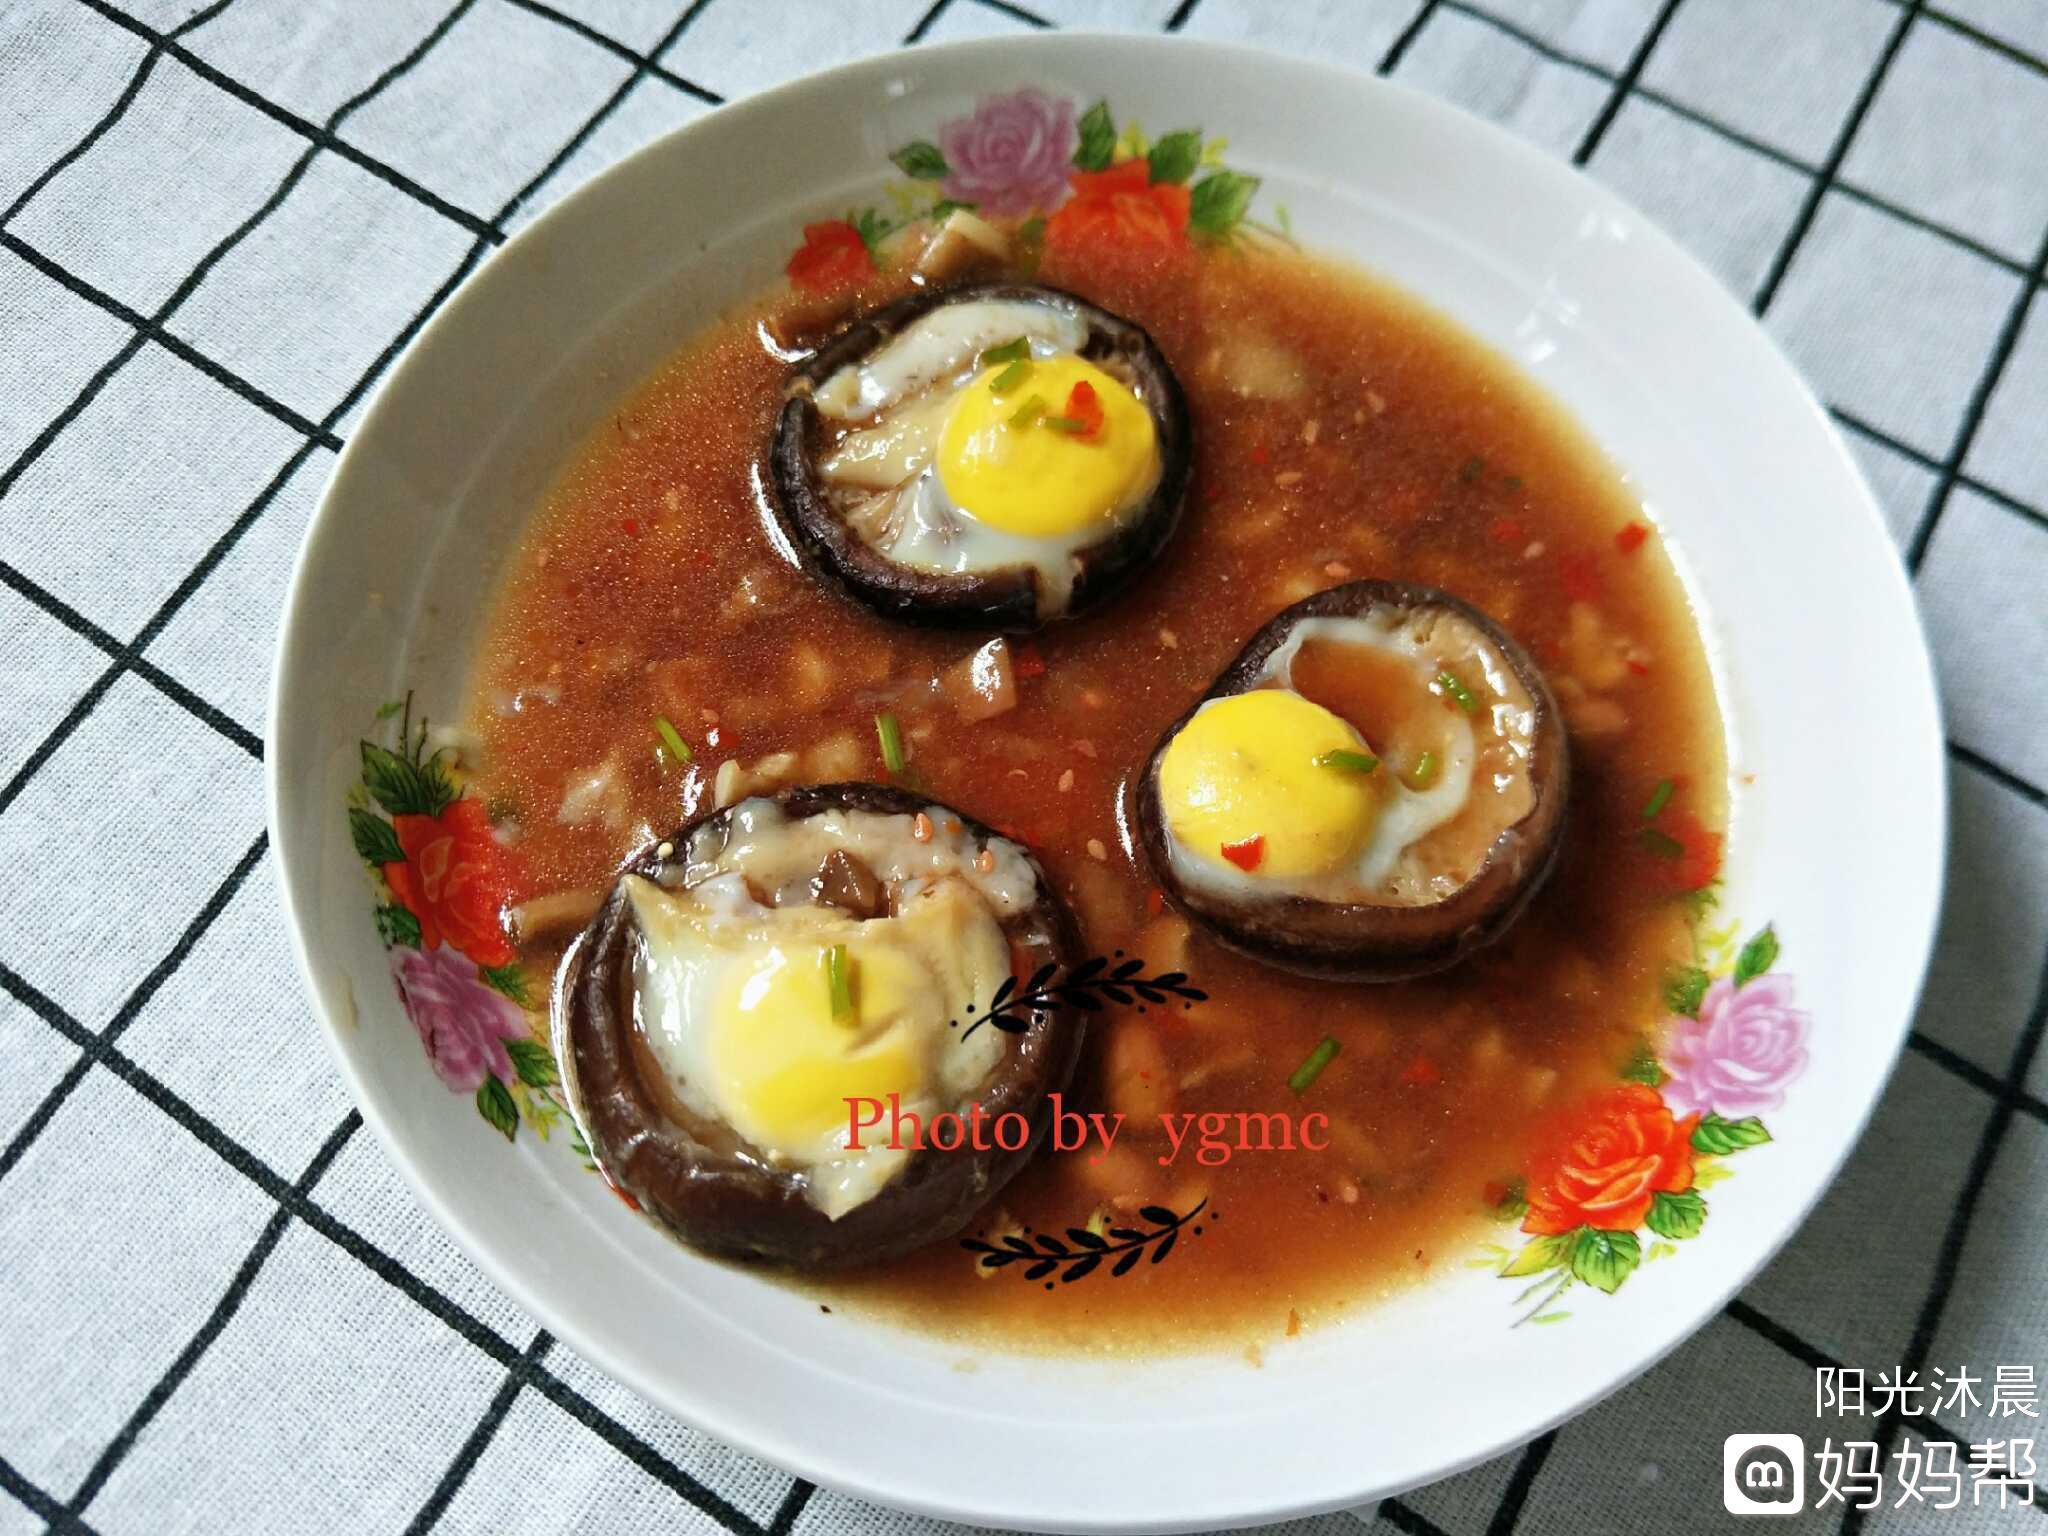 【九阳美食】鹌鹑蒸香菇蛋v美食鲳鱼要盐吗图片